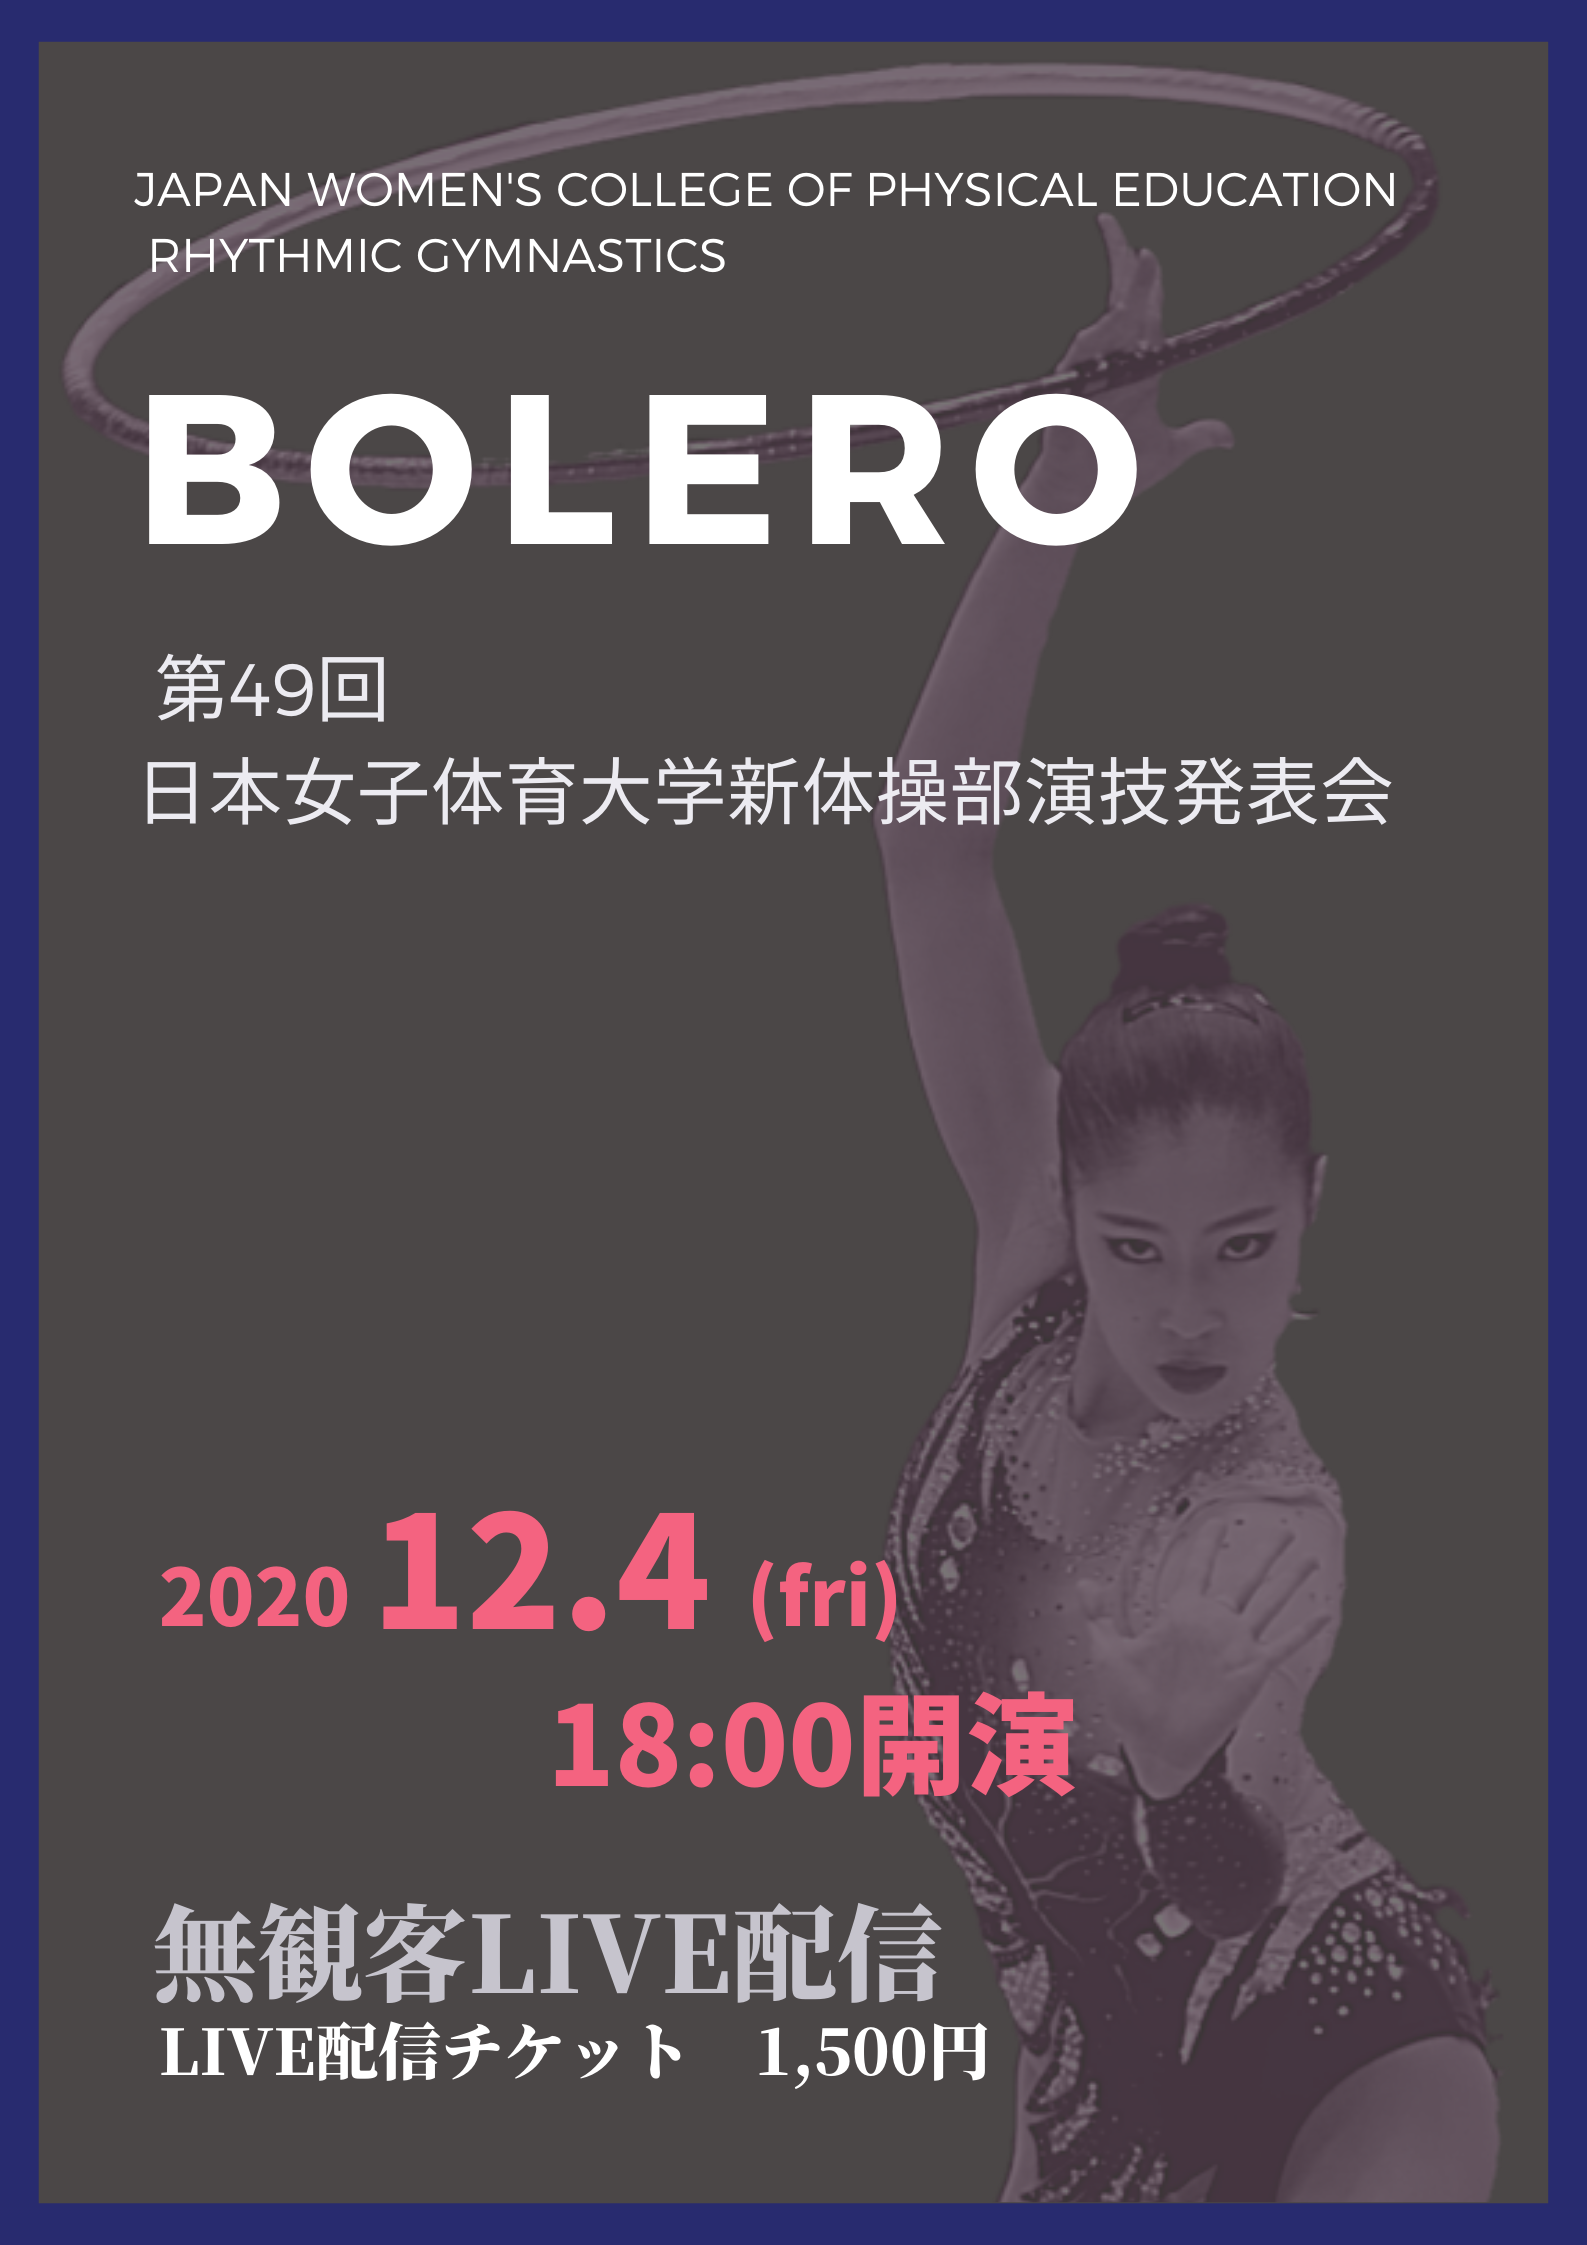 第49回日本女子体育大学新体操部演技発表会